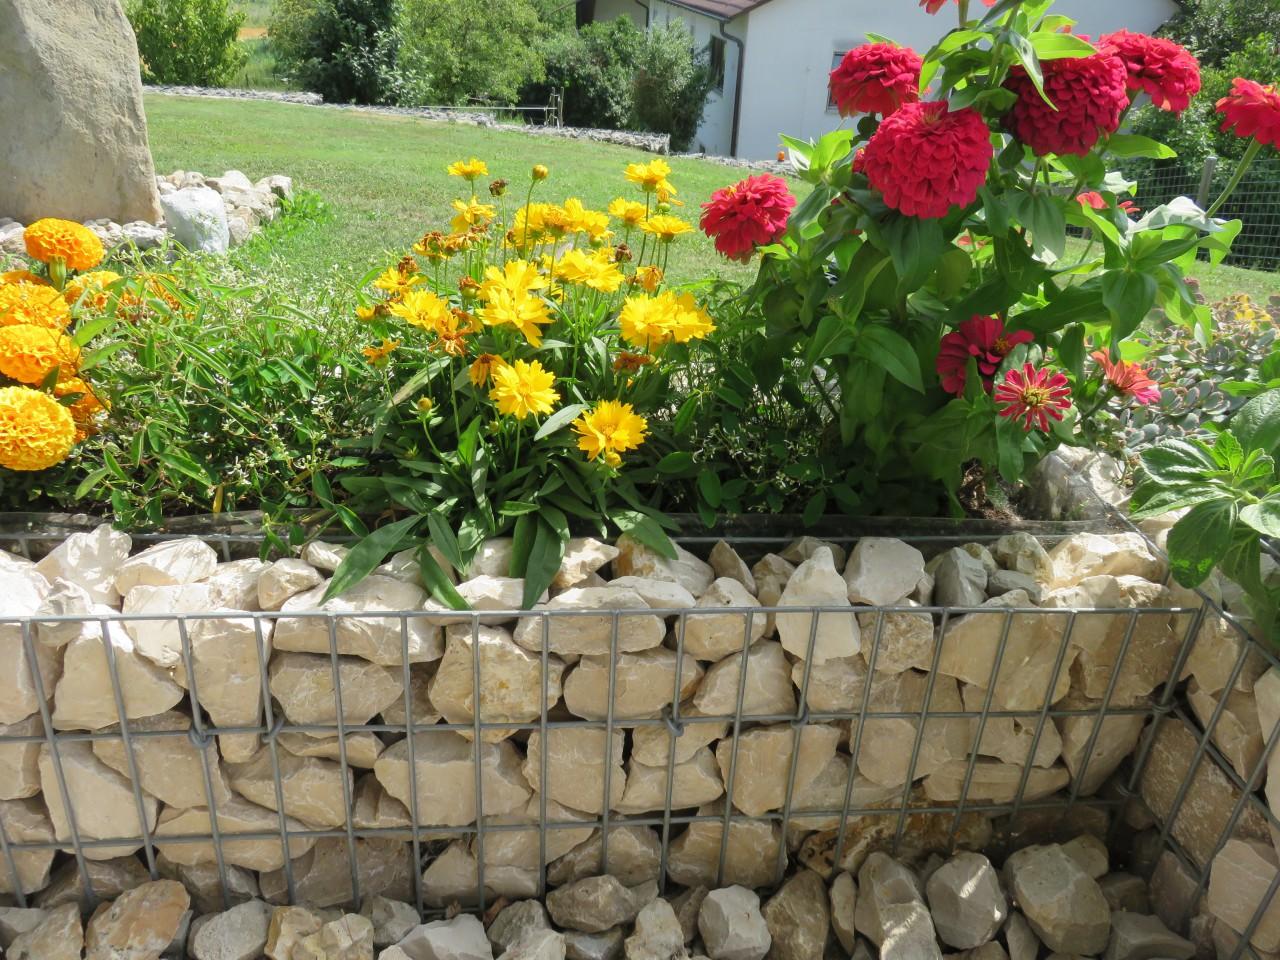 Hochbeete für Blumen und Gemüse- / Obstpflanzen